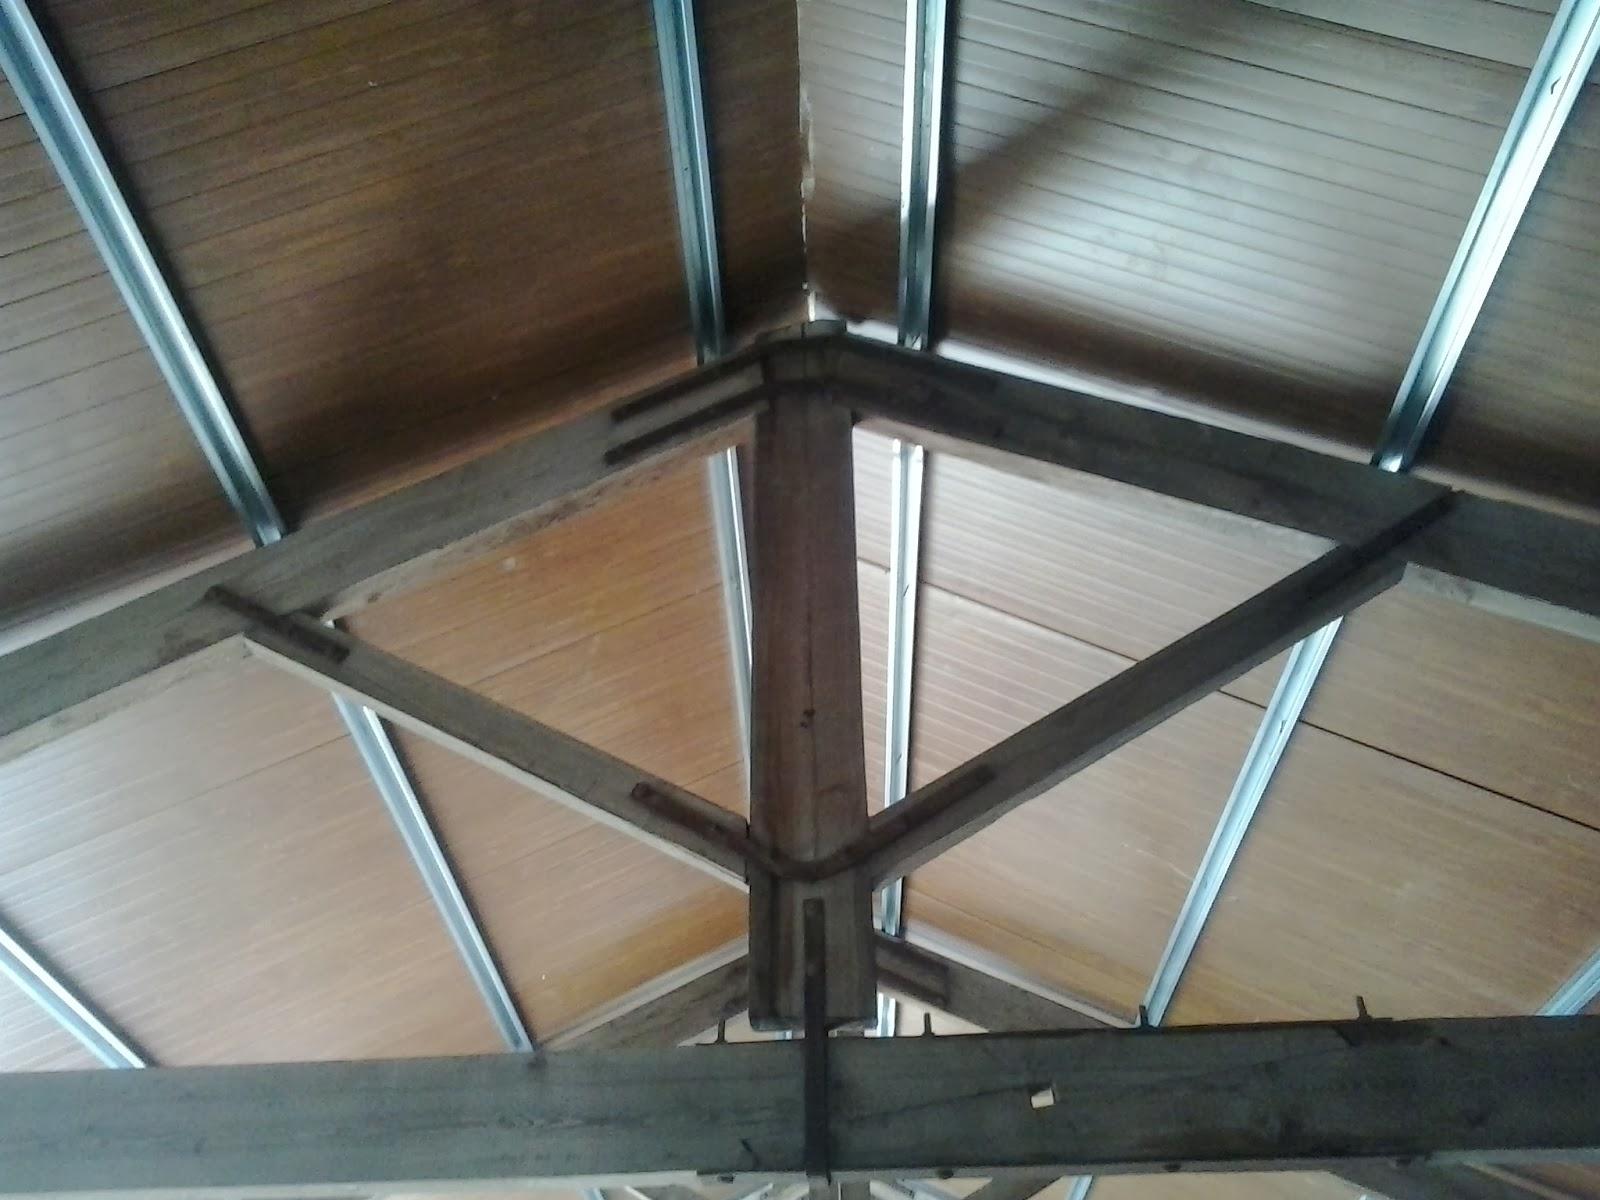 Reparar tejados de teja en castilla y le n vila - Tejados de chapa precios ...